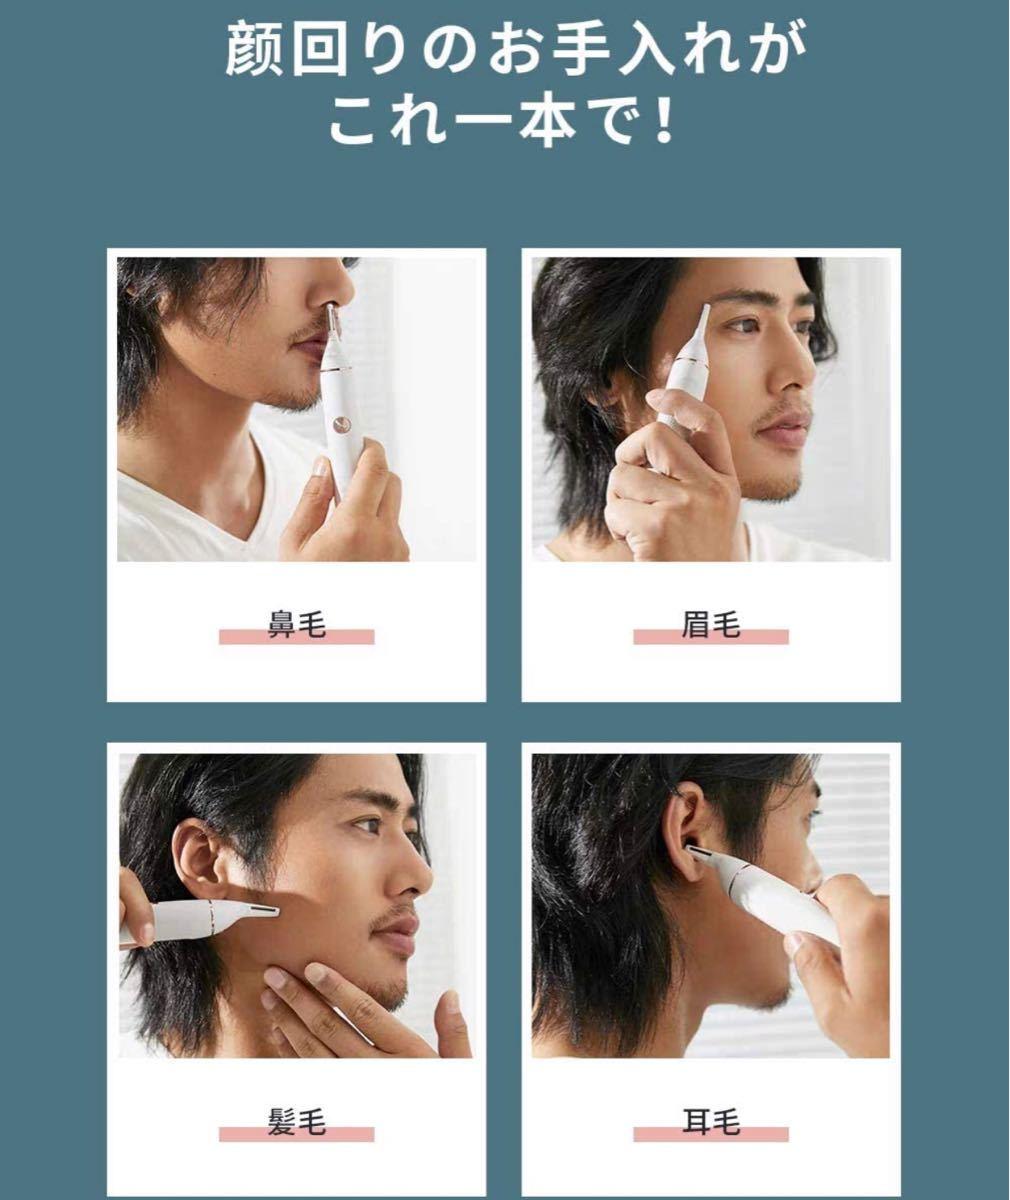 鼻毛カッター はなげカッター 鼻・耳カッター 顔 ボディシェーバー 水洗い可能